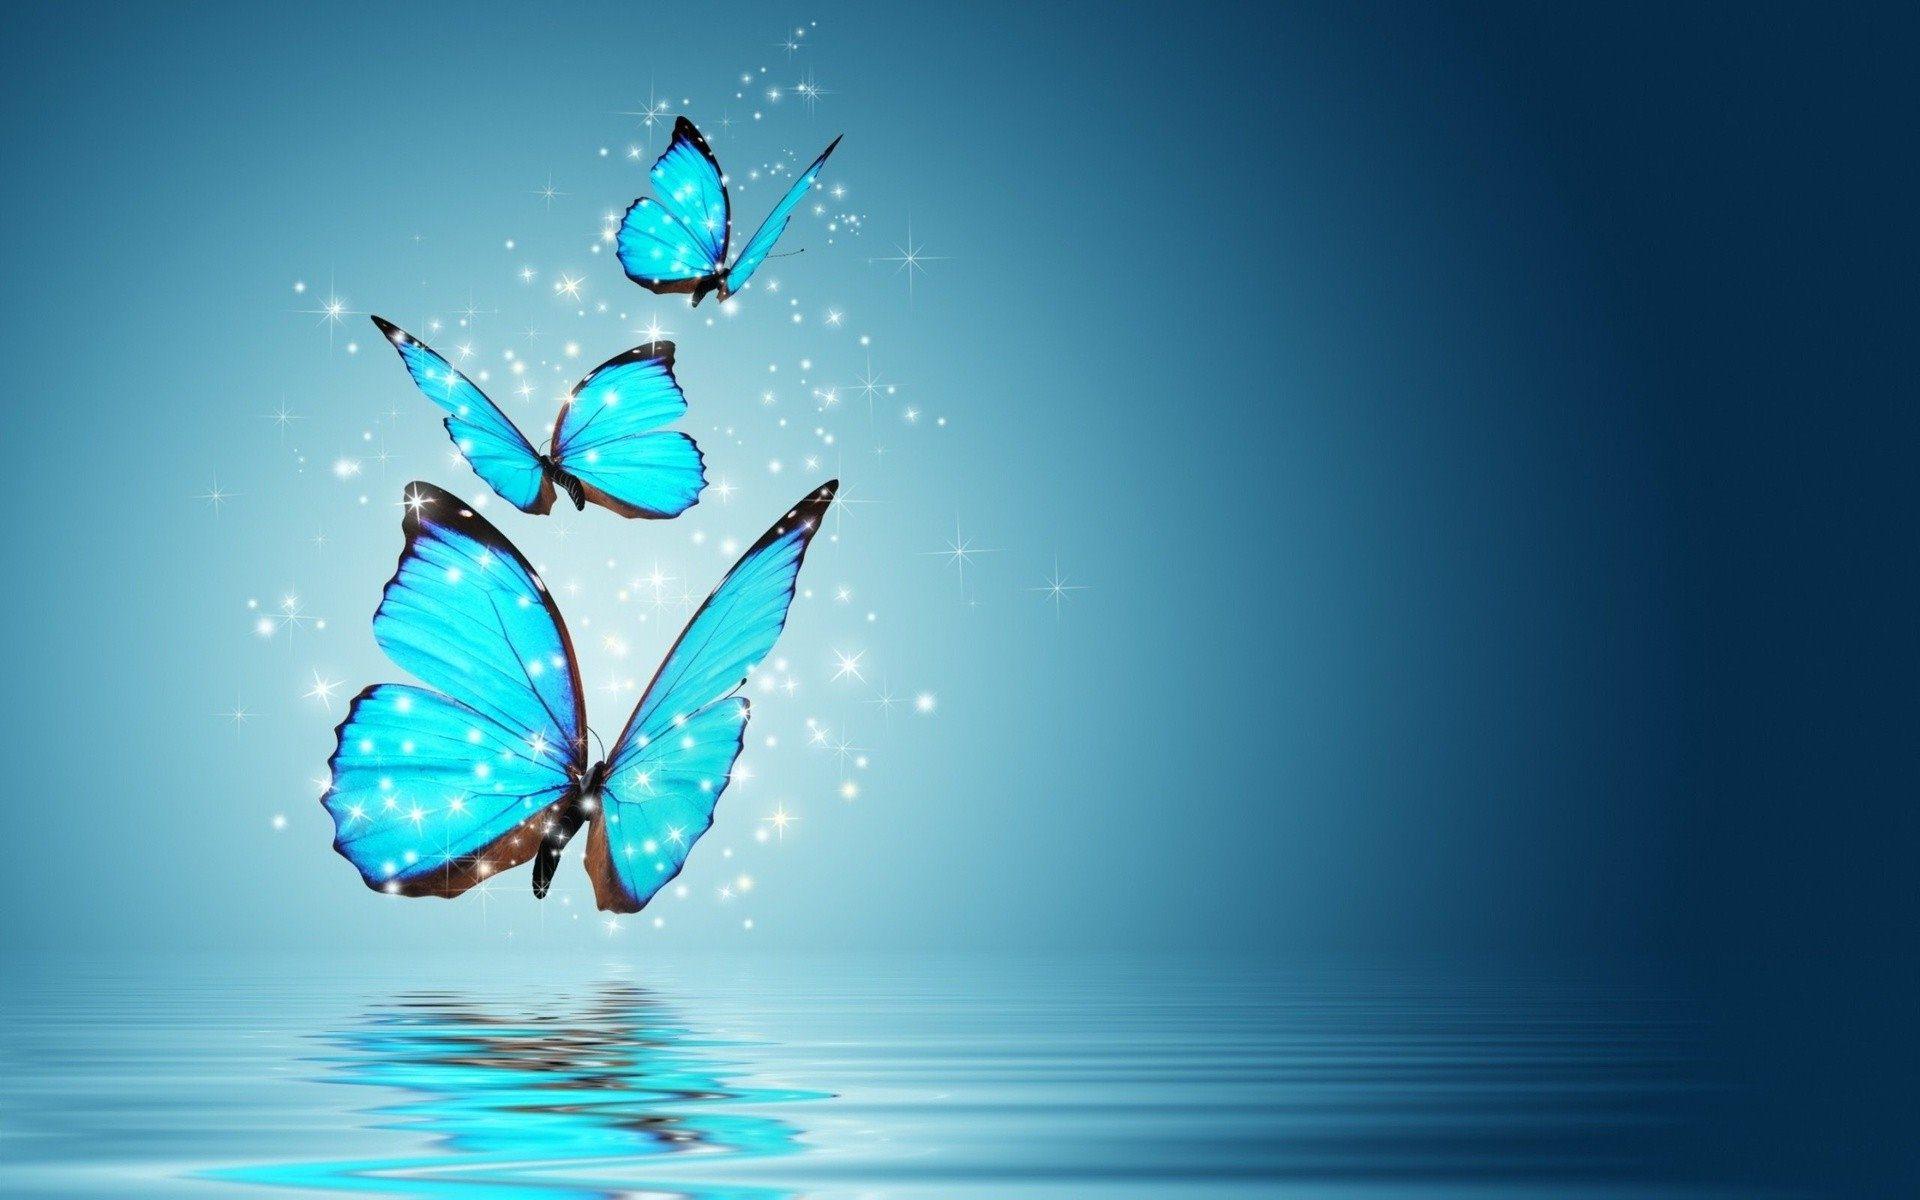 Hình nền những chú bướm 3D dễ thương